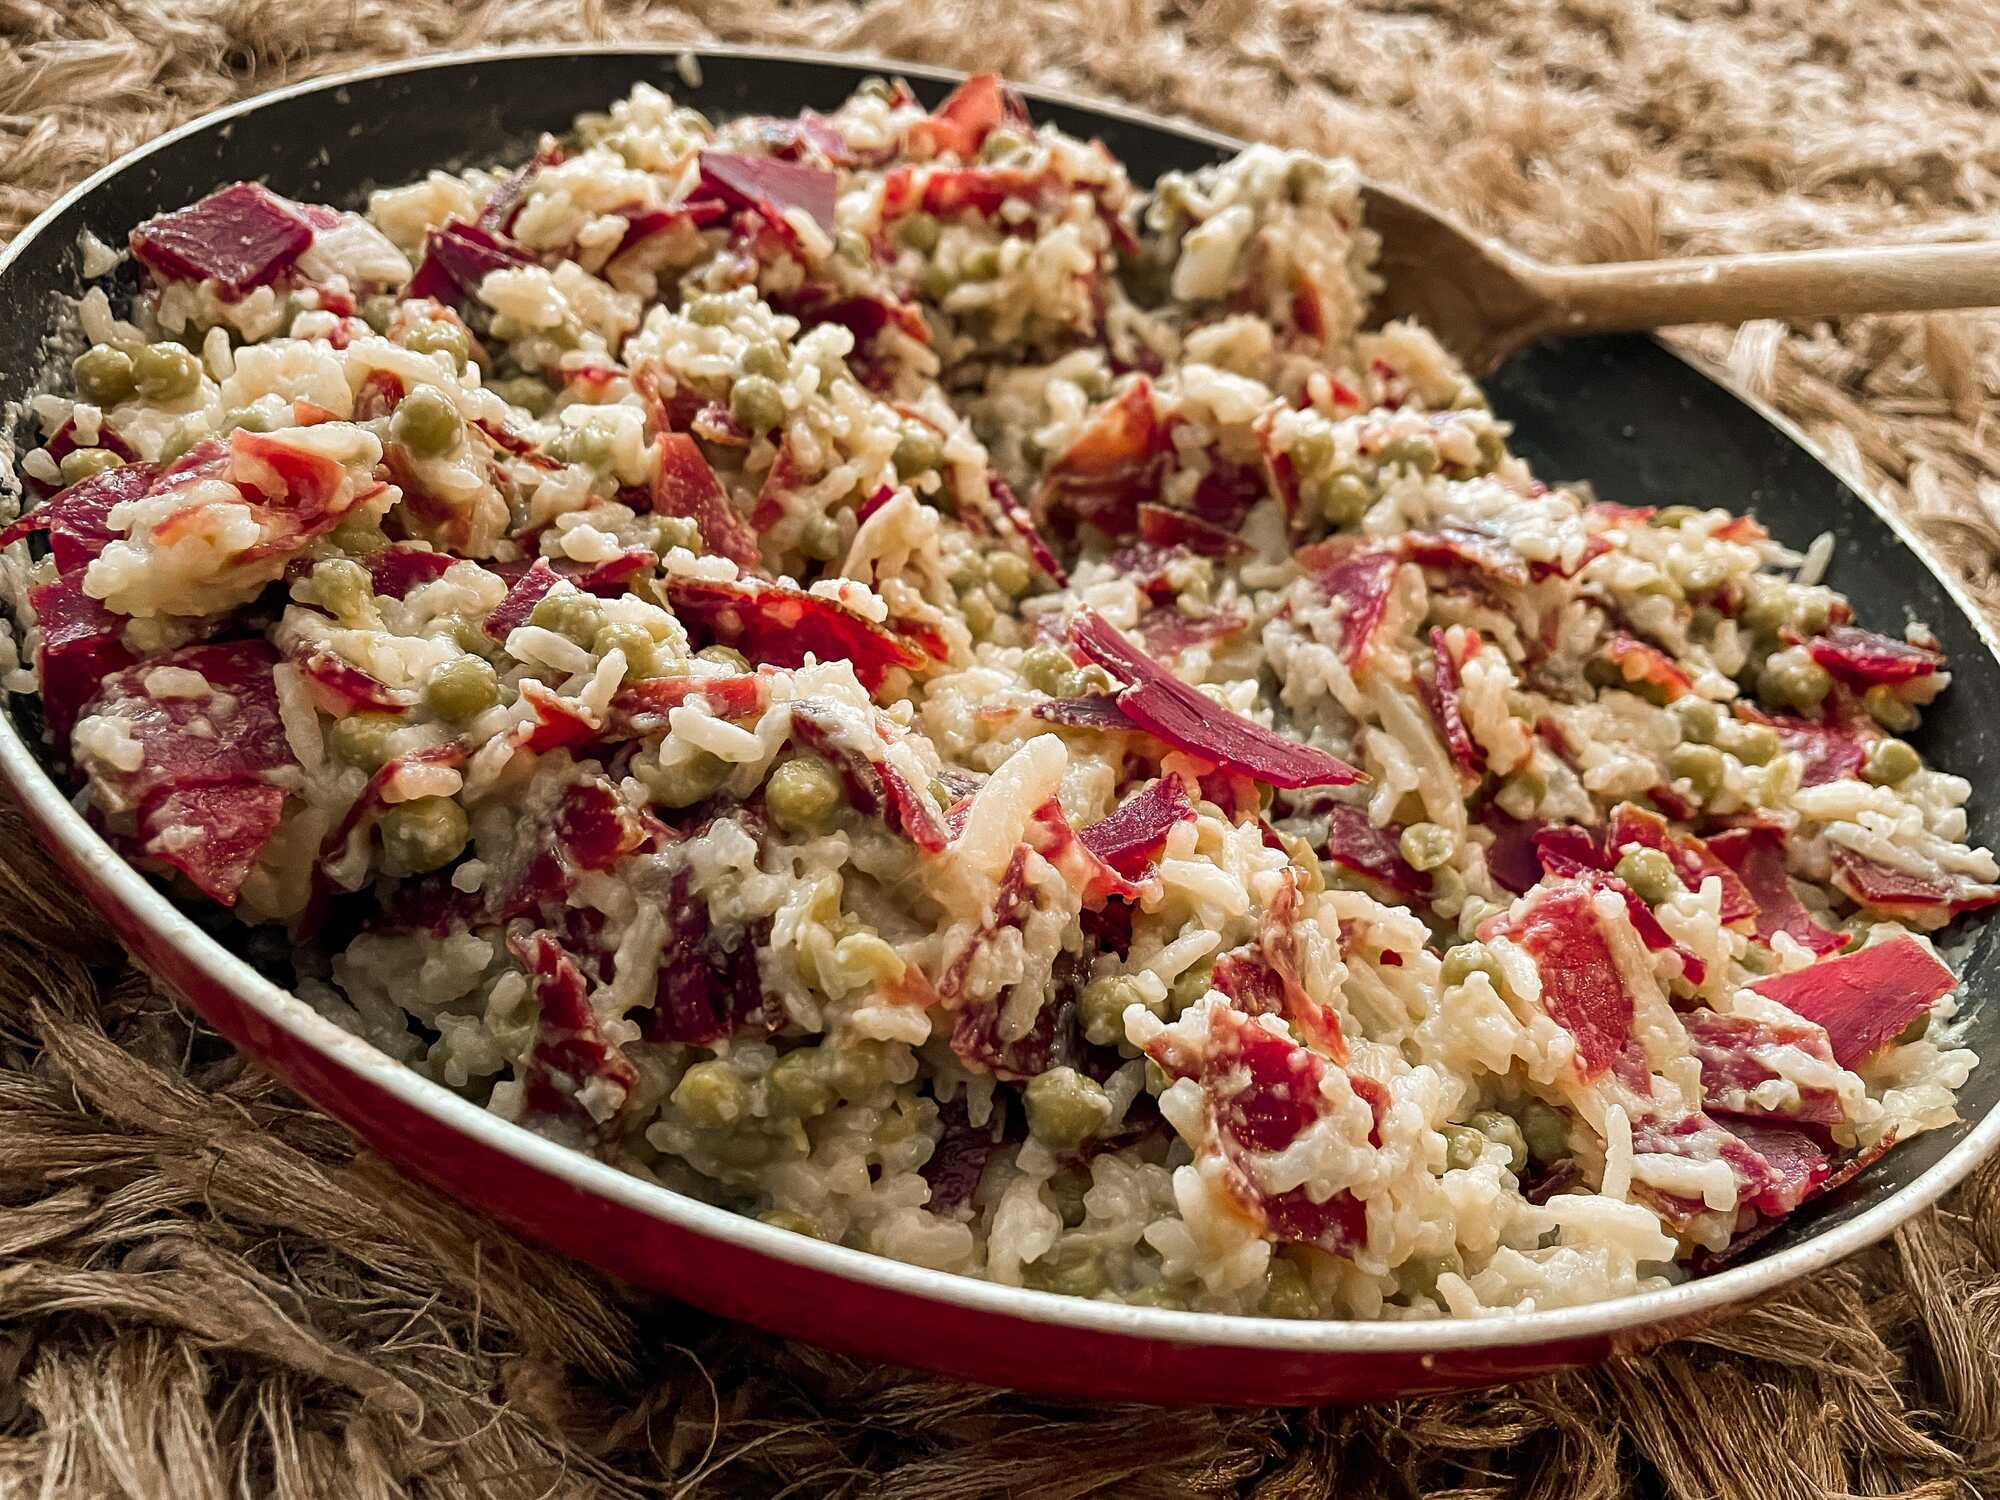 Le risotto de petits pois et viande des grisons est présenté dans une poêle, le plat est sur un fond marron.